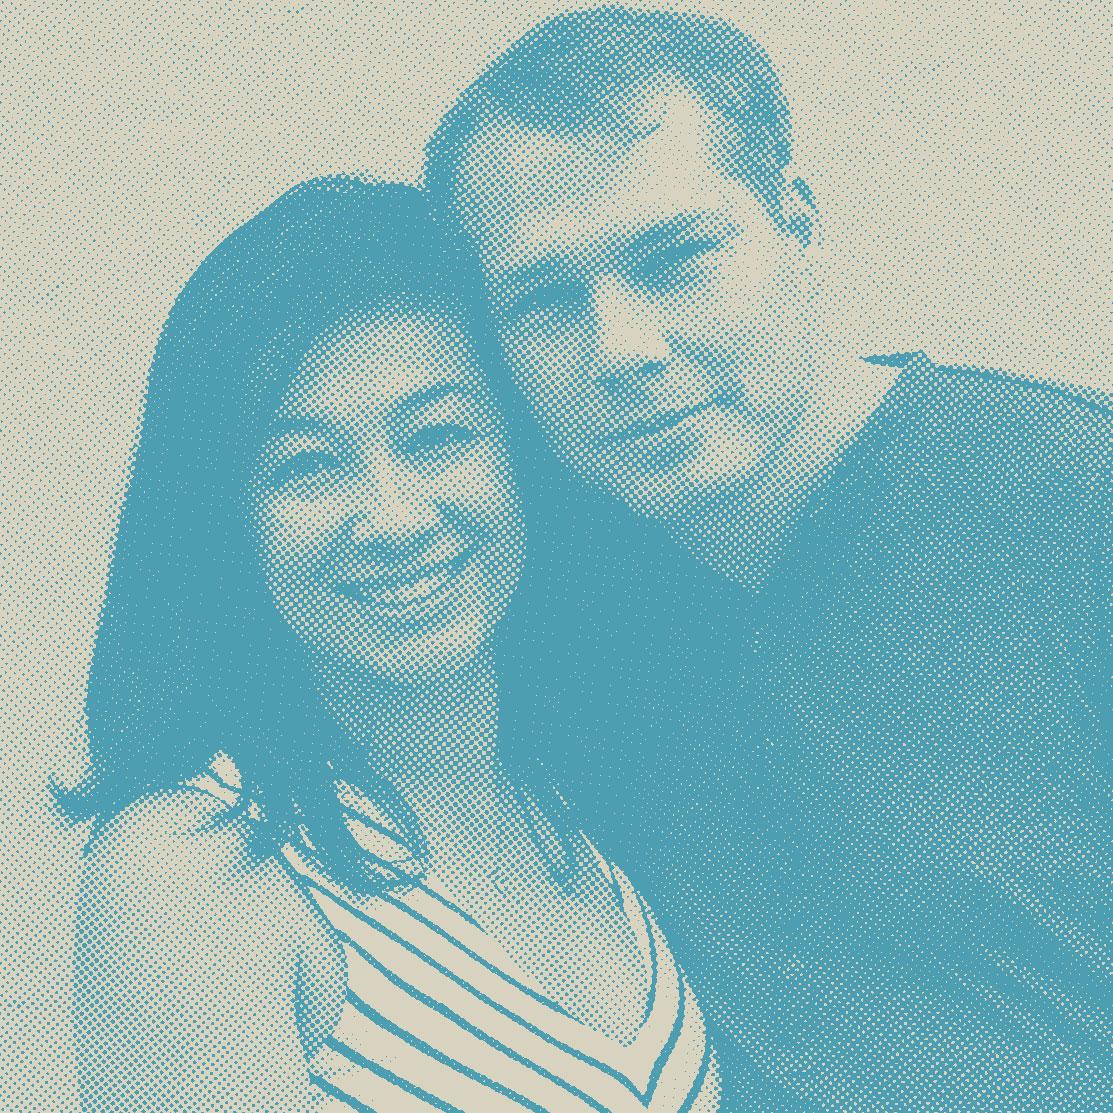 Founders Amanda and Shepard Fairey